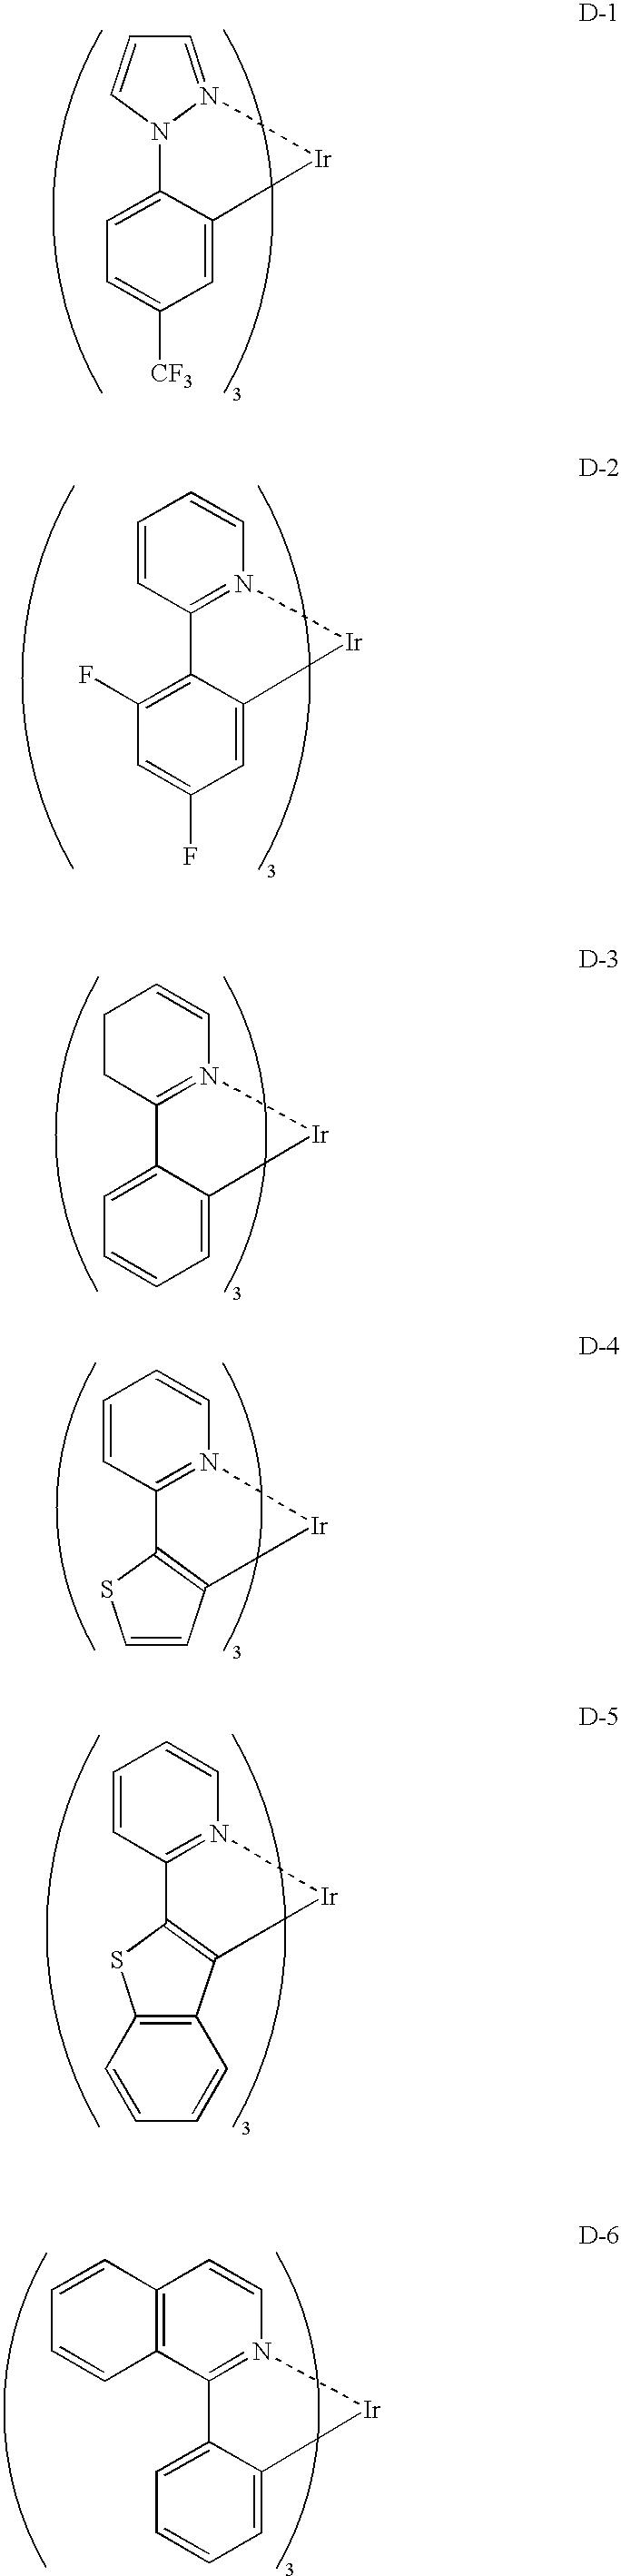 Figure US20060194076A1-20060831-C00001